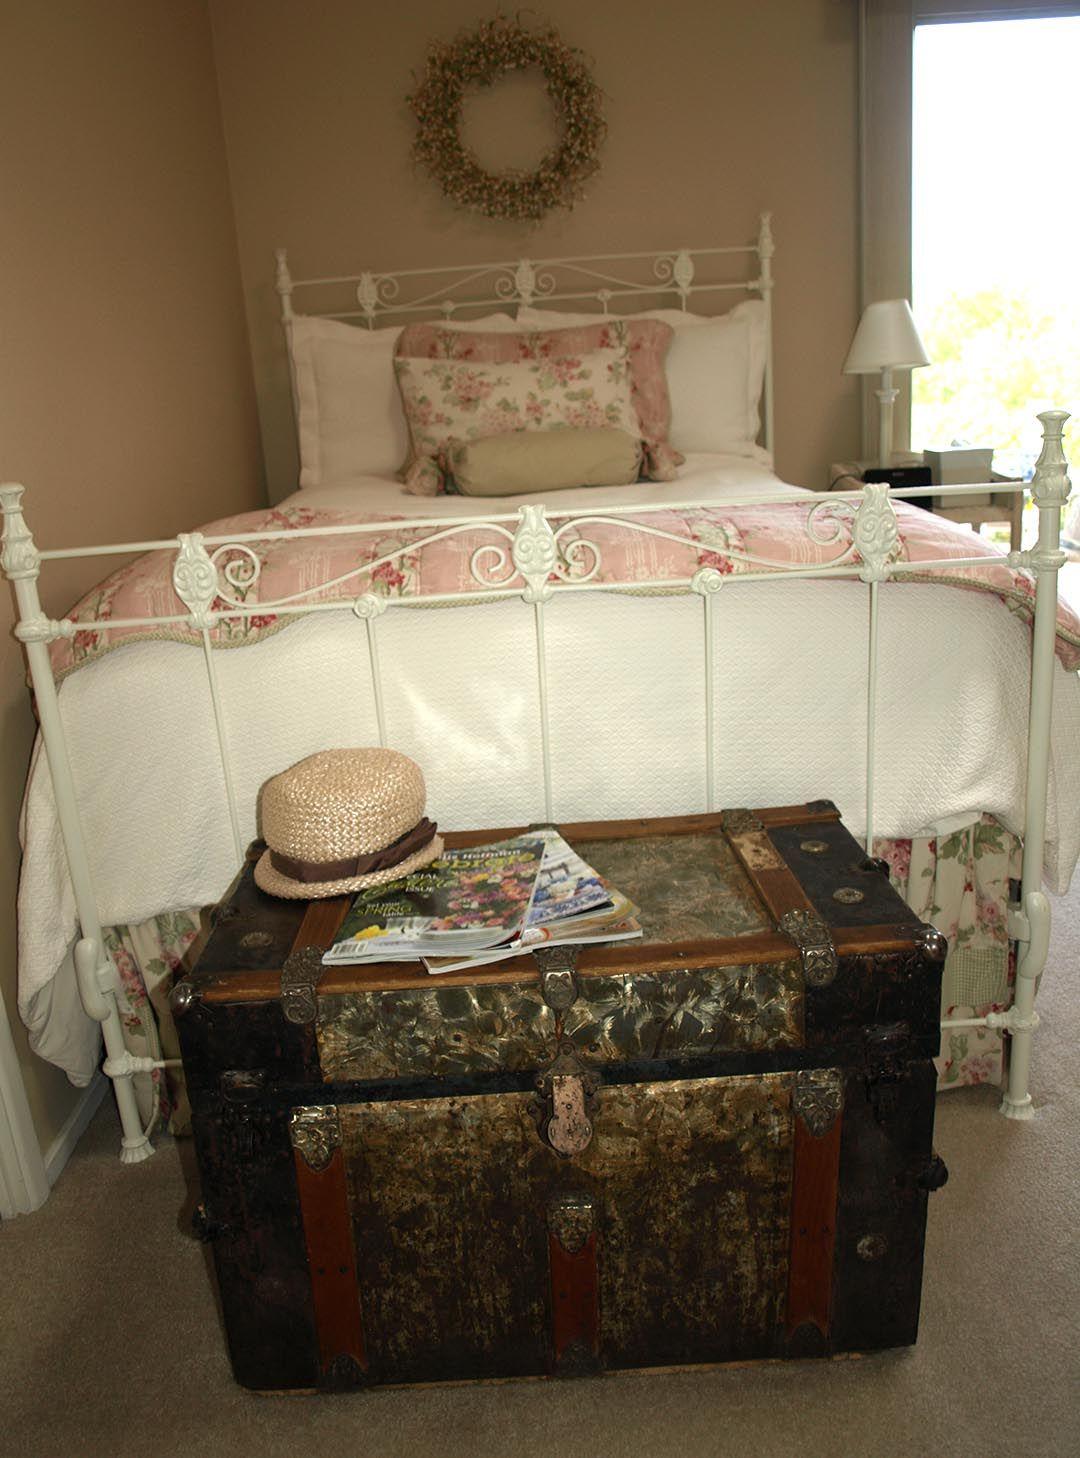 Antique Trunk U0026 Iron Bed.